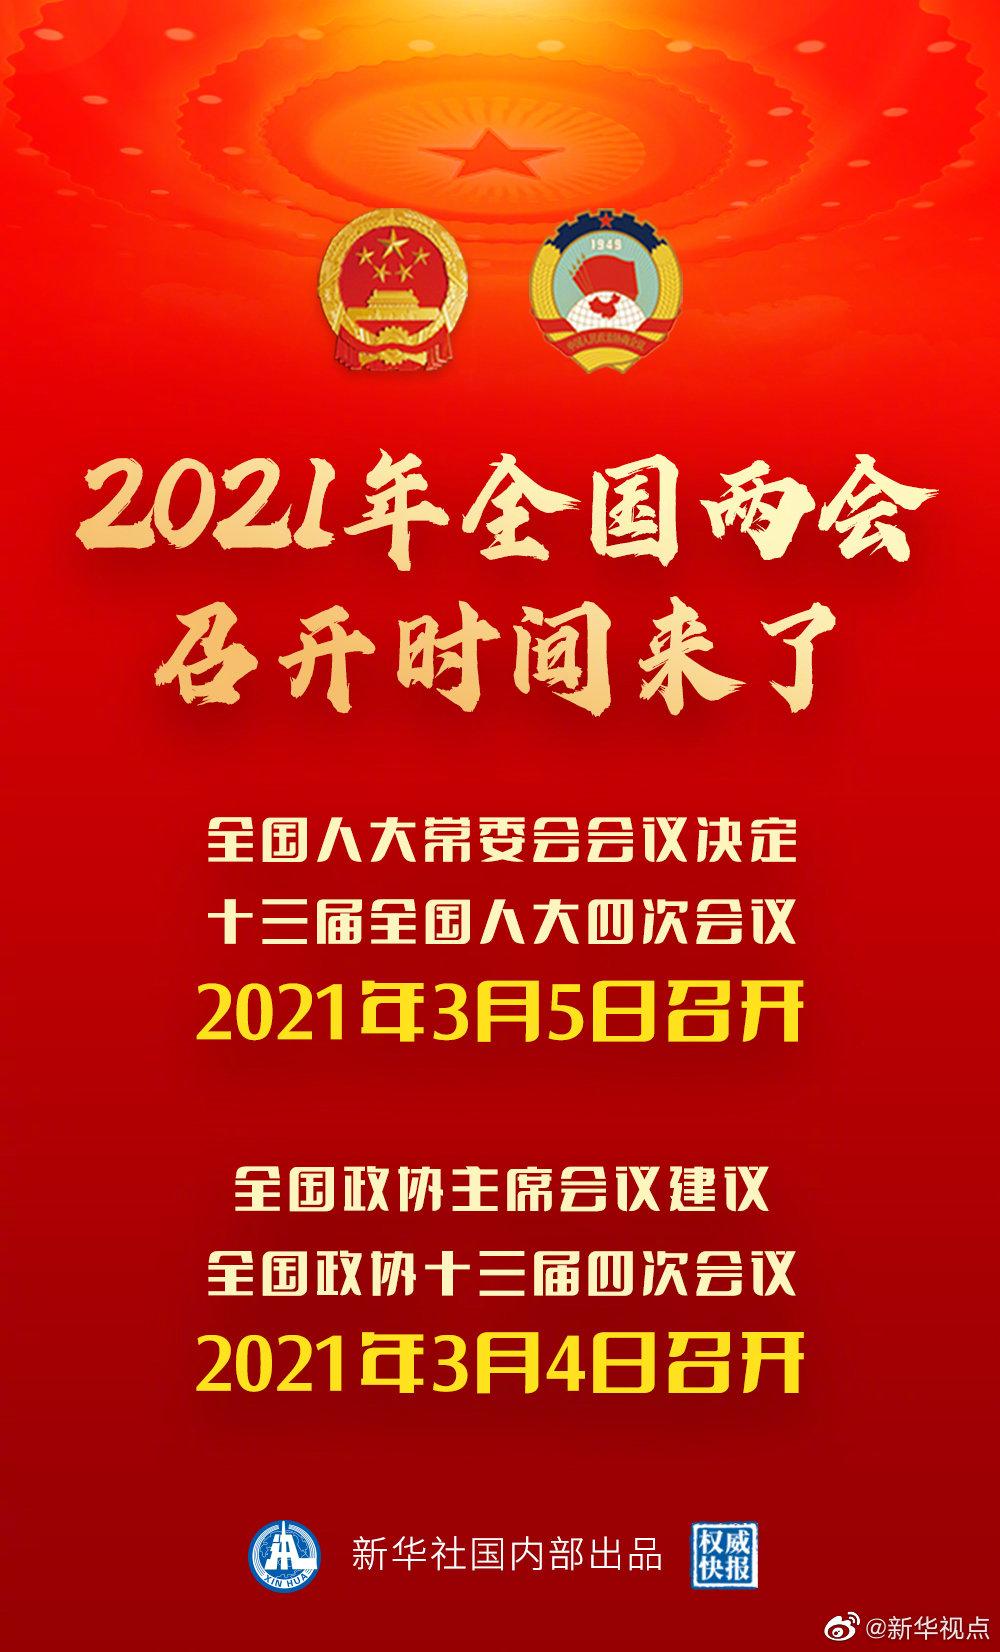 2021年全国两会召开时间来了!